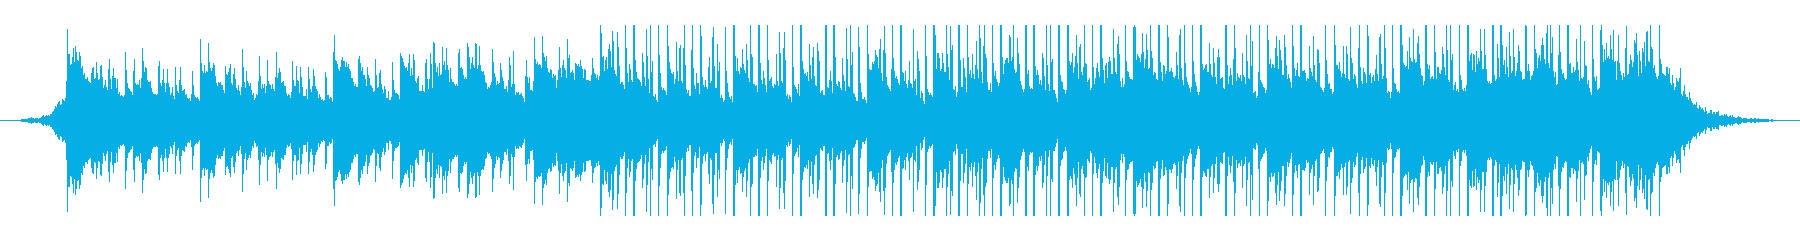 アラビア音楽(60秒)の再生済みの波形